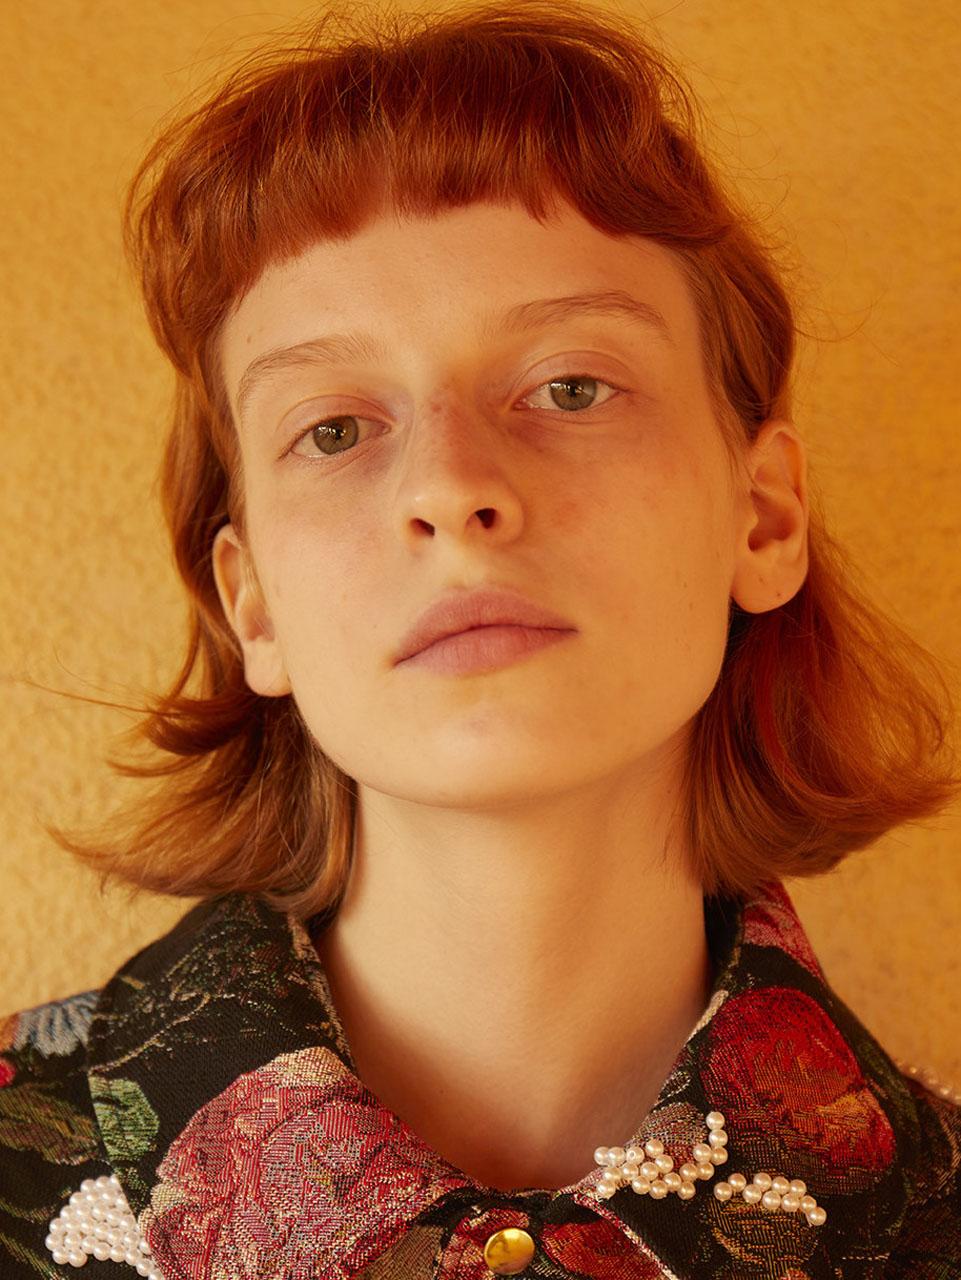 Sara Robaszkiewicz